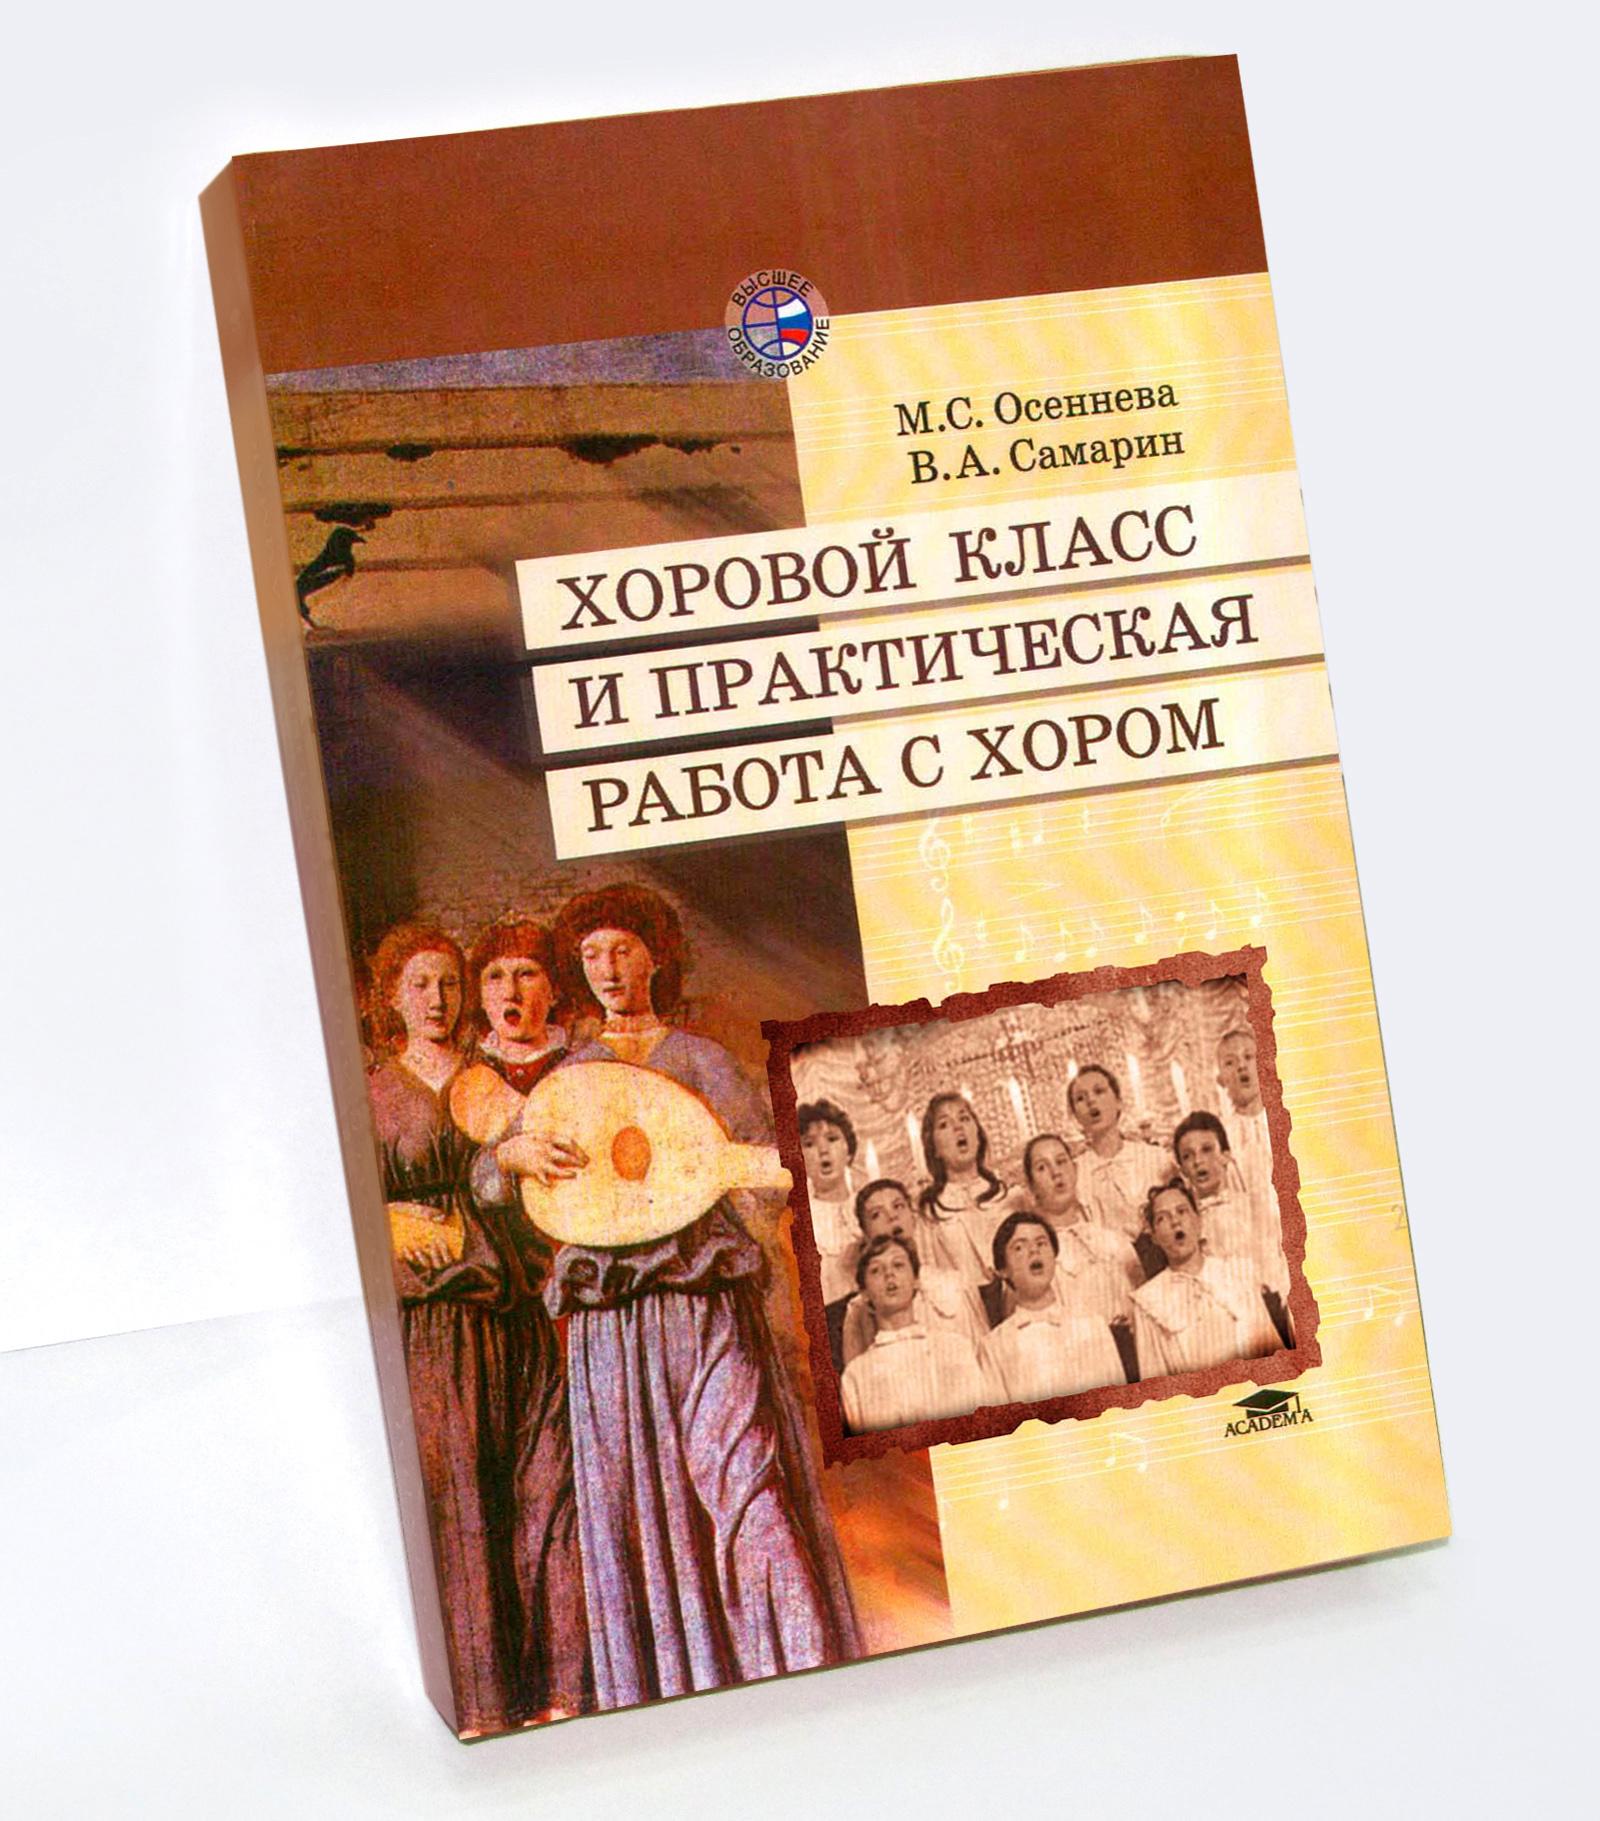 Обложка учебника 2003 г.